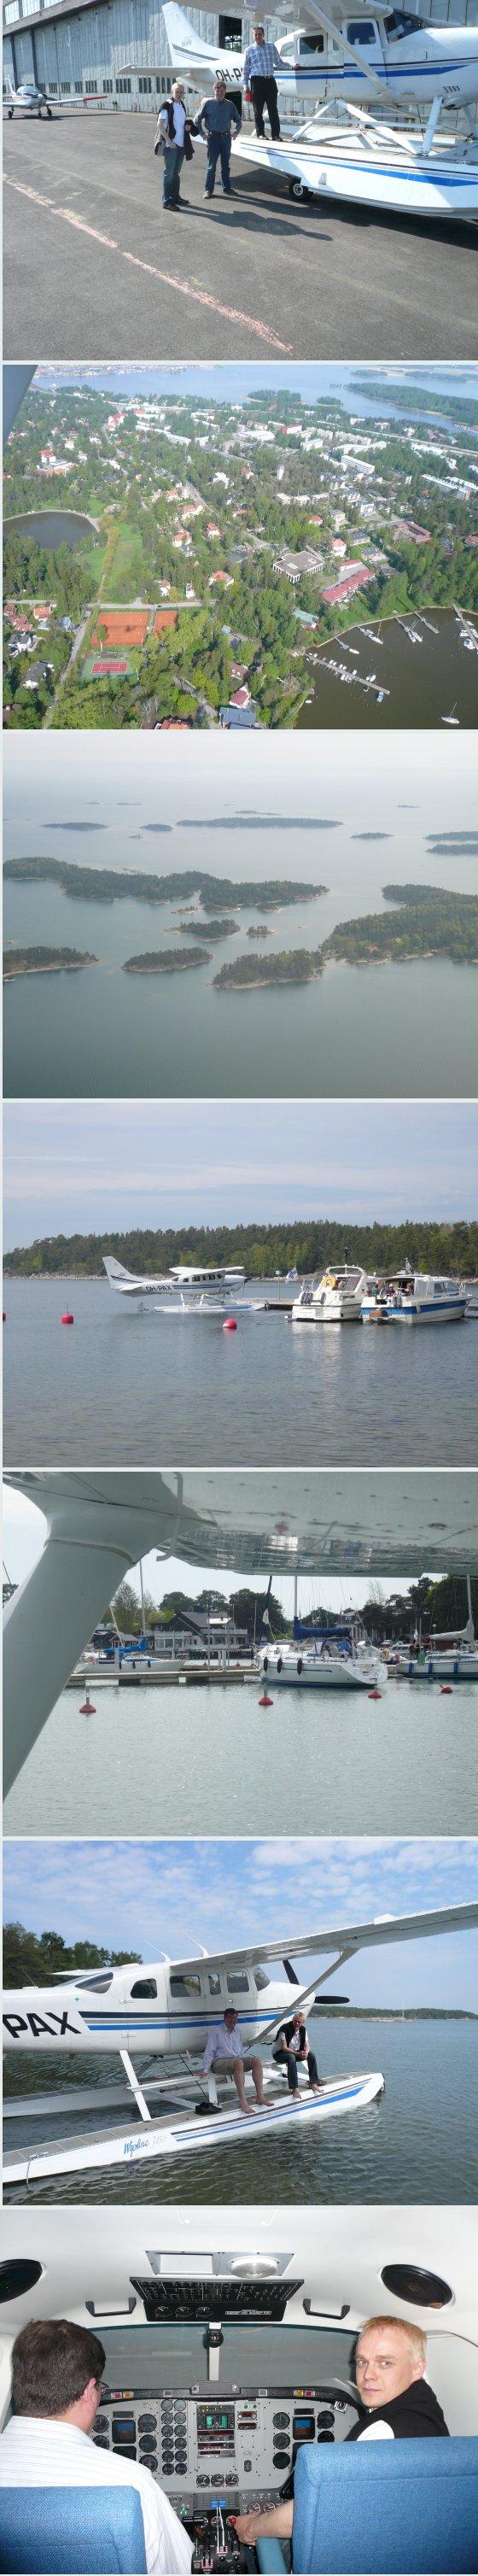 Ilmailupäivän kuvasatoa Suomen saaristosta. Taitaa tuossa ensimmäisessä kuvassa näkyä myös tuo tämän päivän turmakone aamulta. Alimmaisessa kuvassa uusin uutta eli lennonopetuksen simulaattori Malmin lentokentält